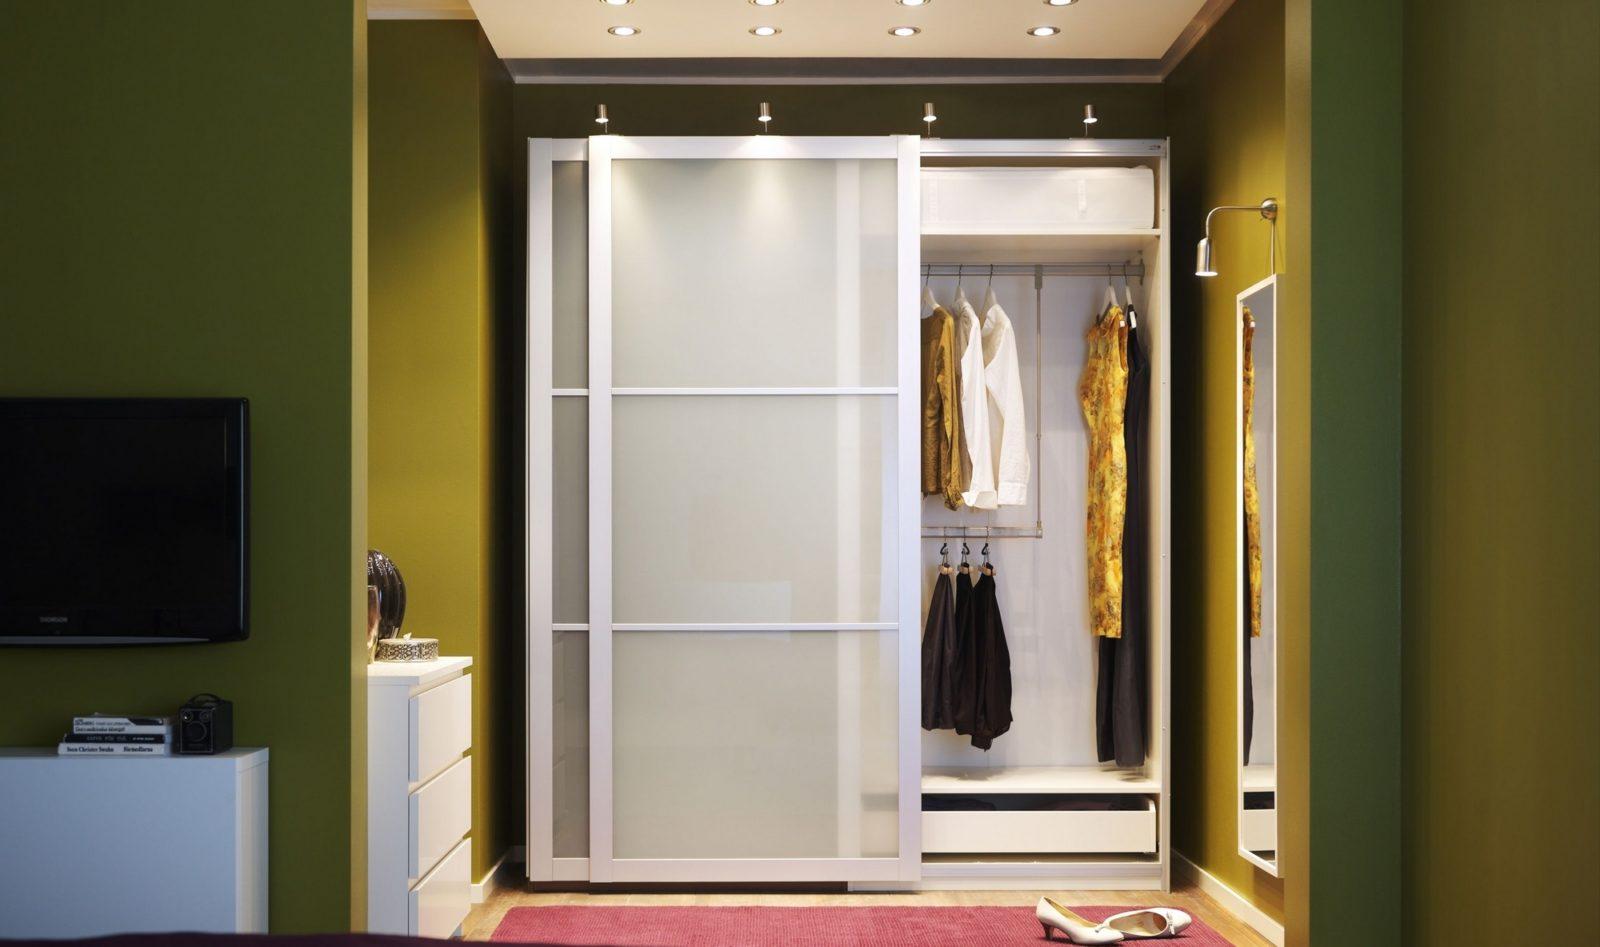 Обустройство гардеробной в прихожей: простые варианты и оригинальные решения